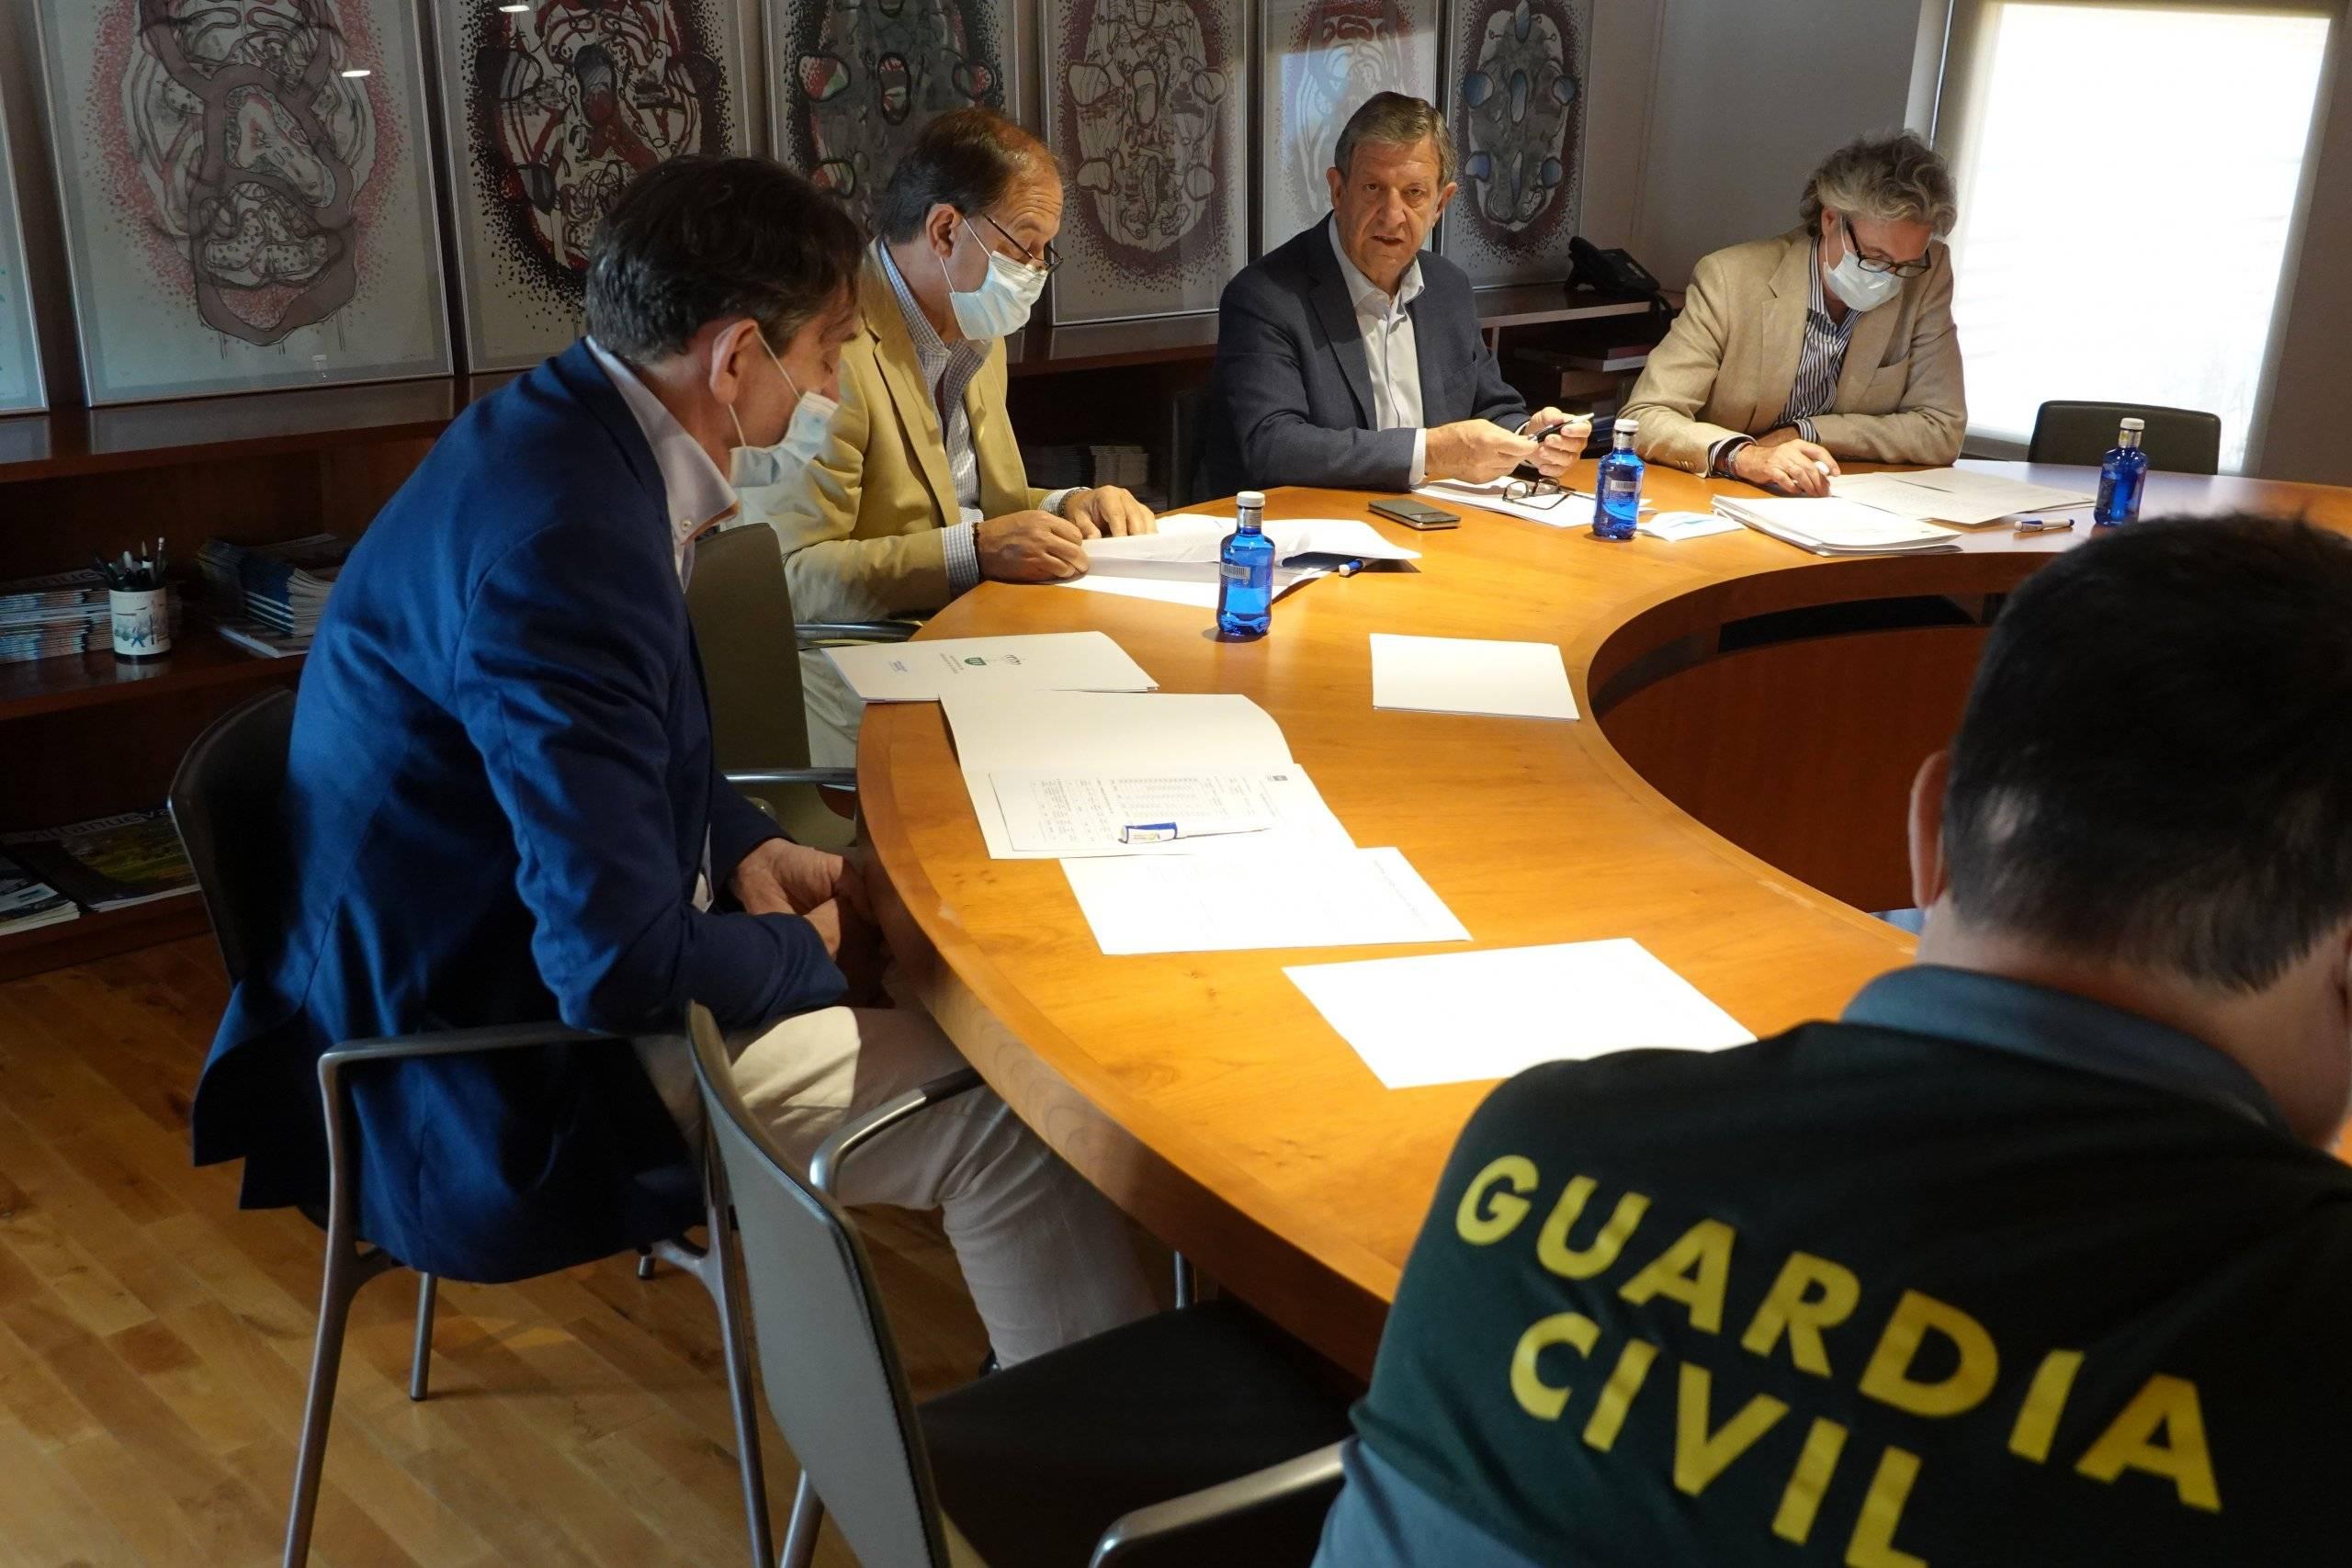 Autoridades locales acompañados por el jefe de área de Seguridad de la Comunidad de Madrid, Javier Hernández González.